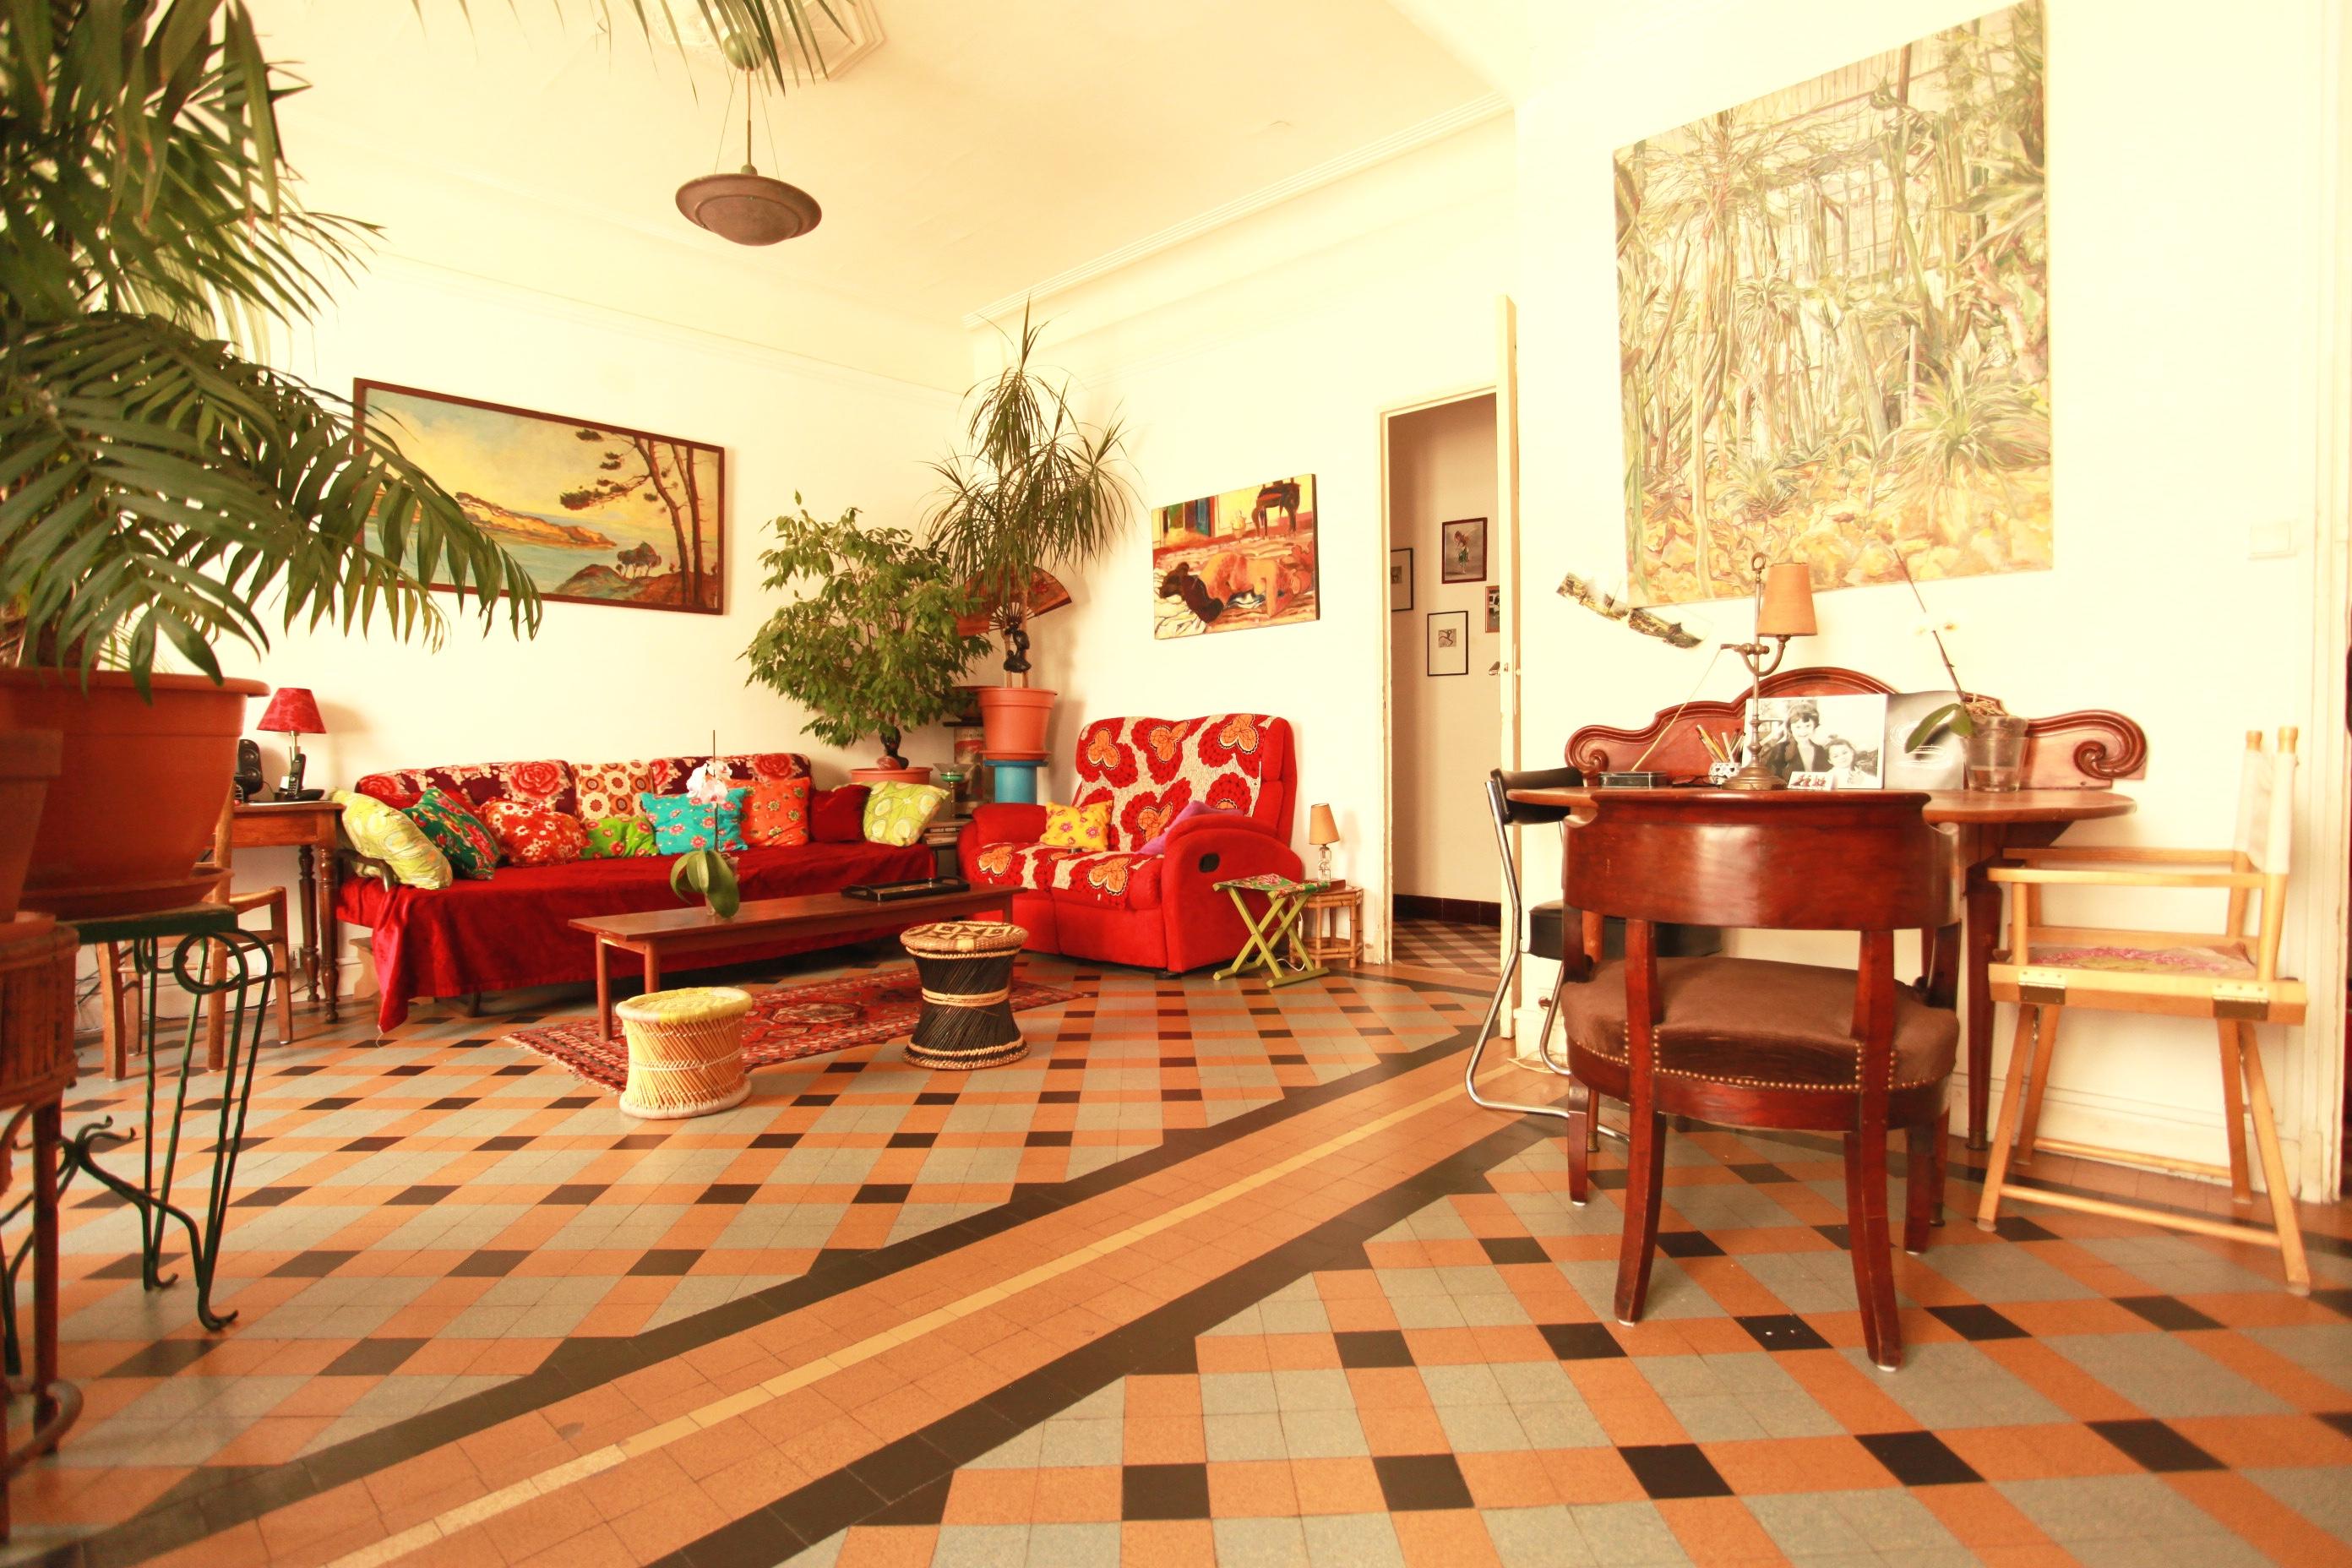 VENDU - Panier / République - T4/5 avec balcon - Toit-terrasse collectif - 256 000 €